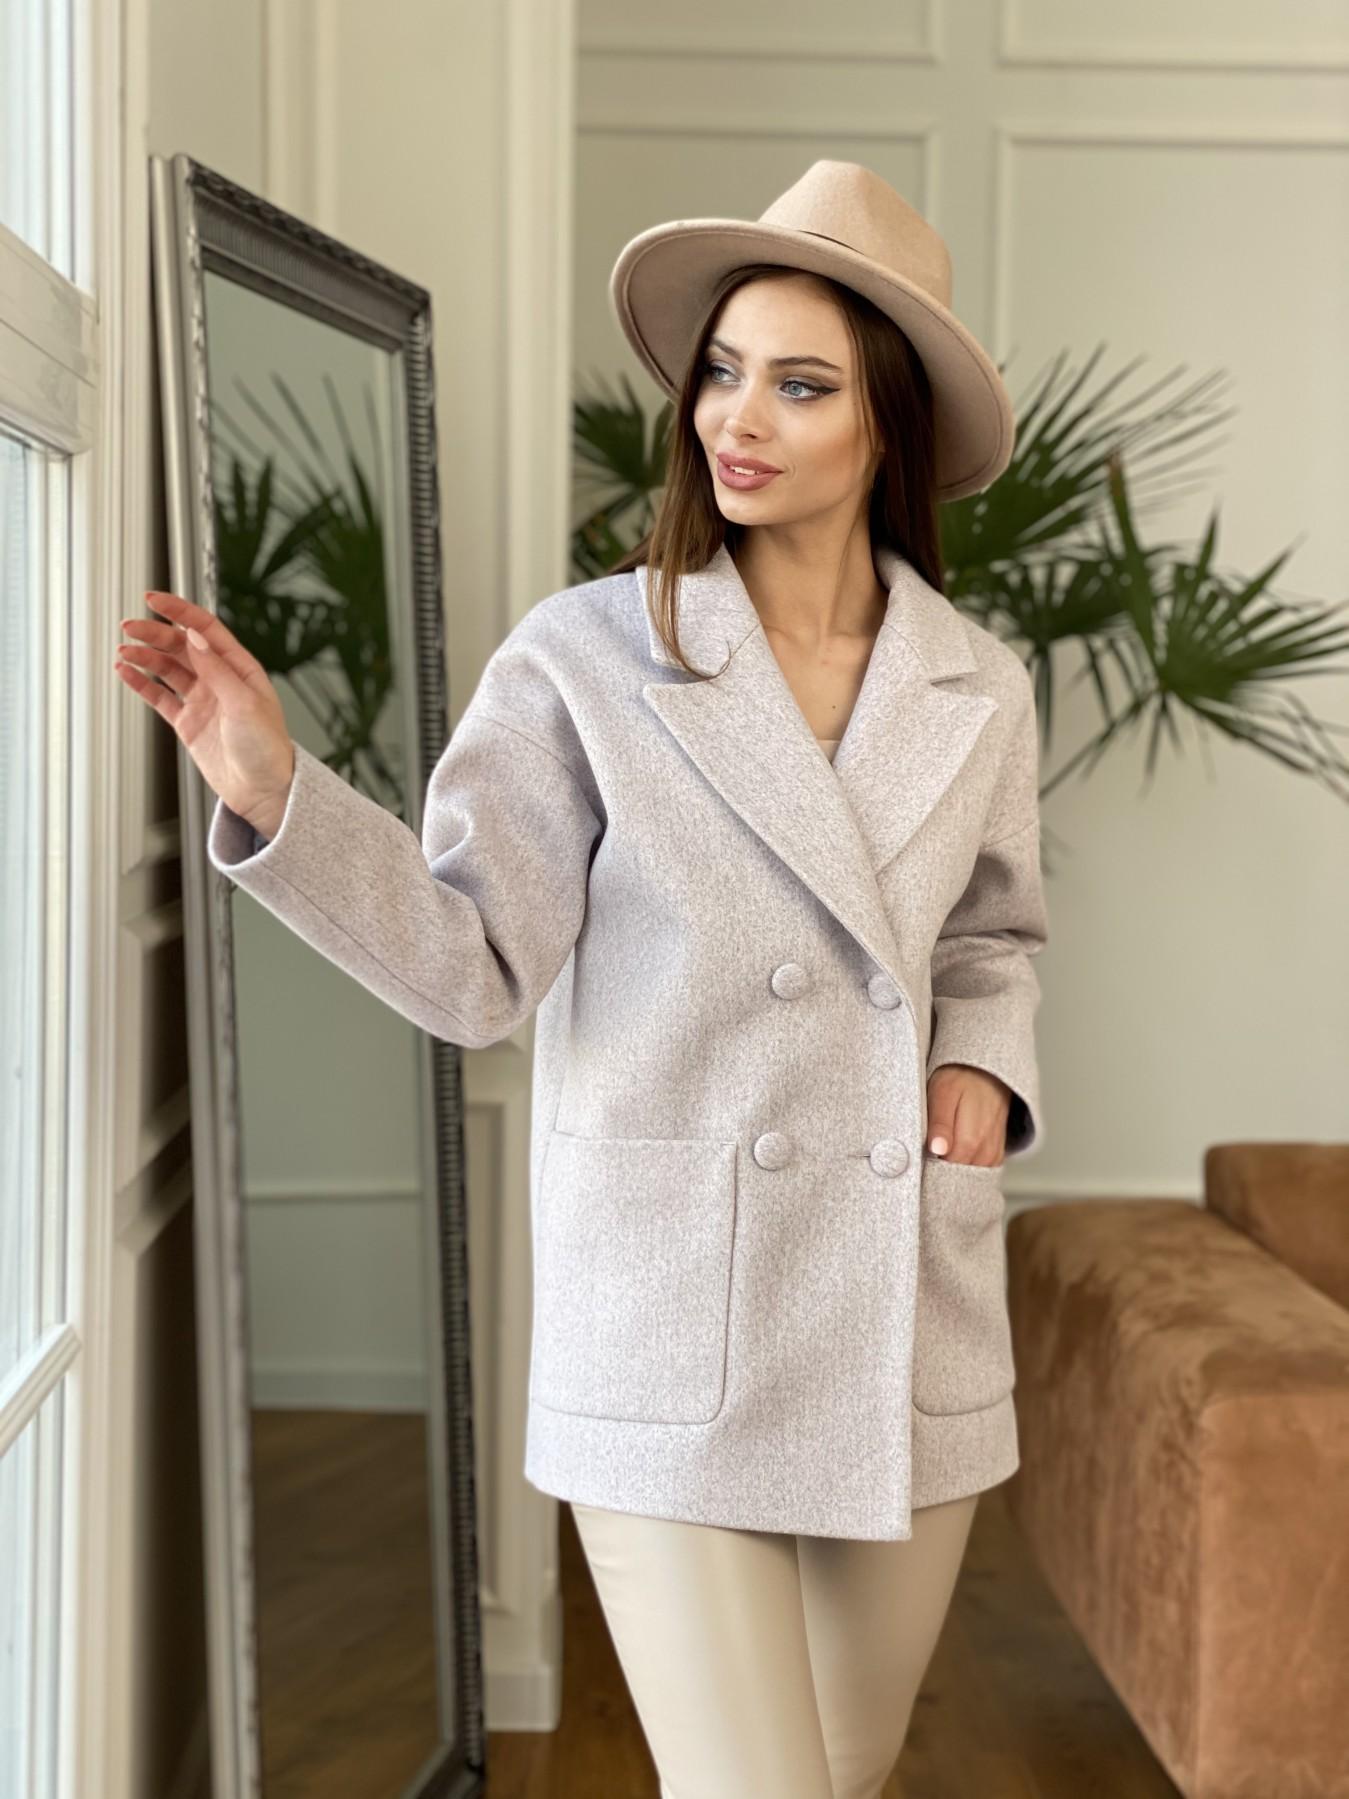 Мансера пальто кашемир меланж на трикотаже  10629 АРТ. 47554 Цвет: Серо-розовый 21 - фото 1, интернет магазин tm-modus.ru